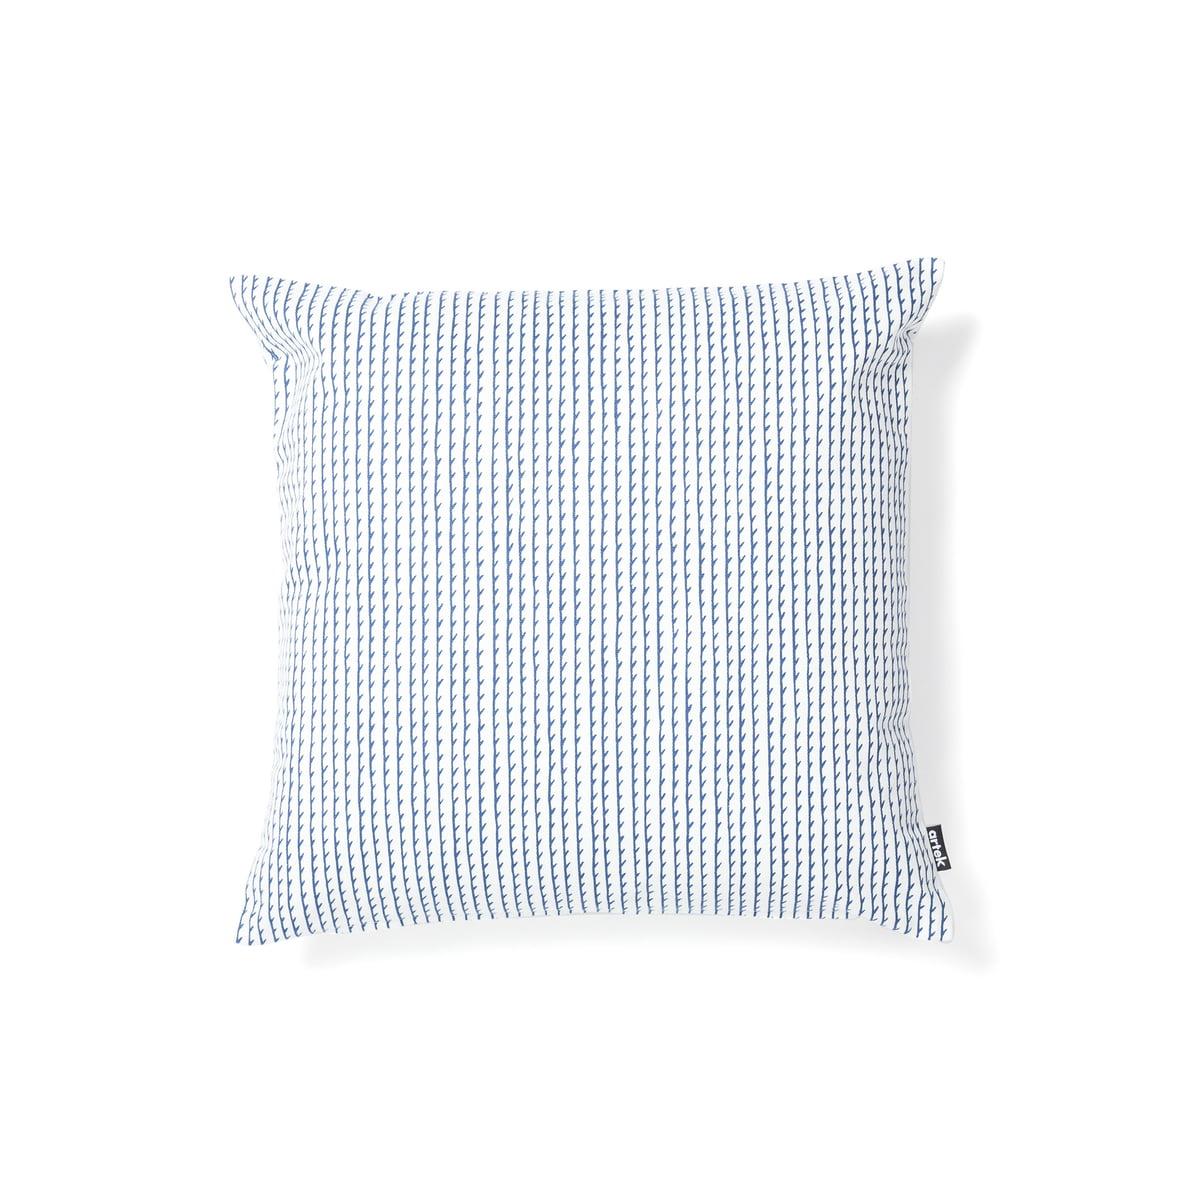 Artek Rivi Kissenbezug 40 X 40 Cm Weiß Blau